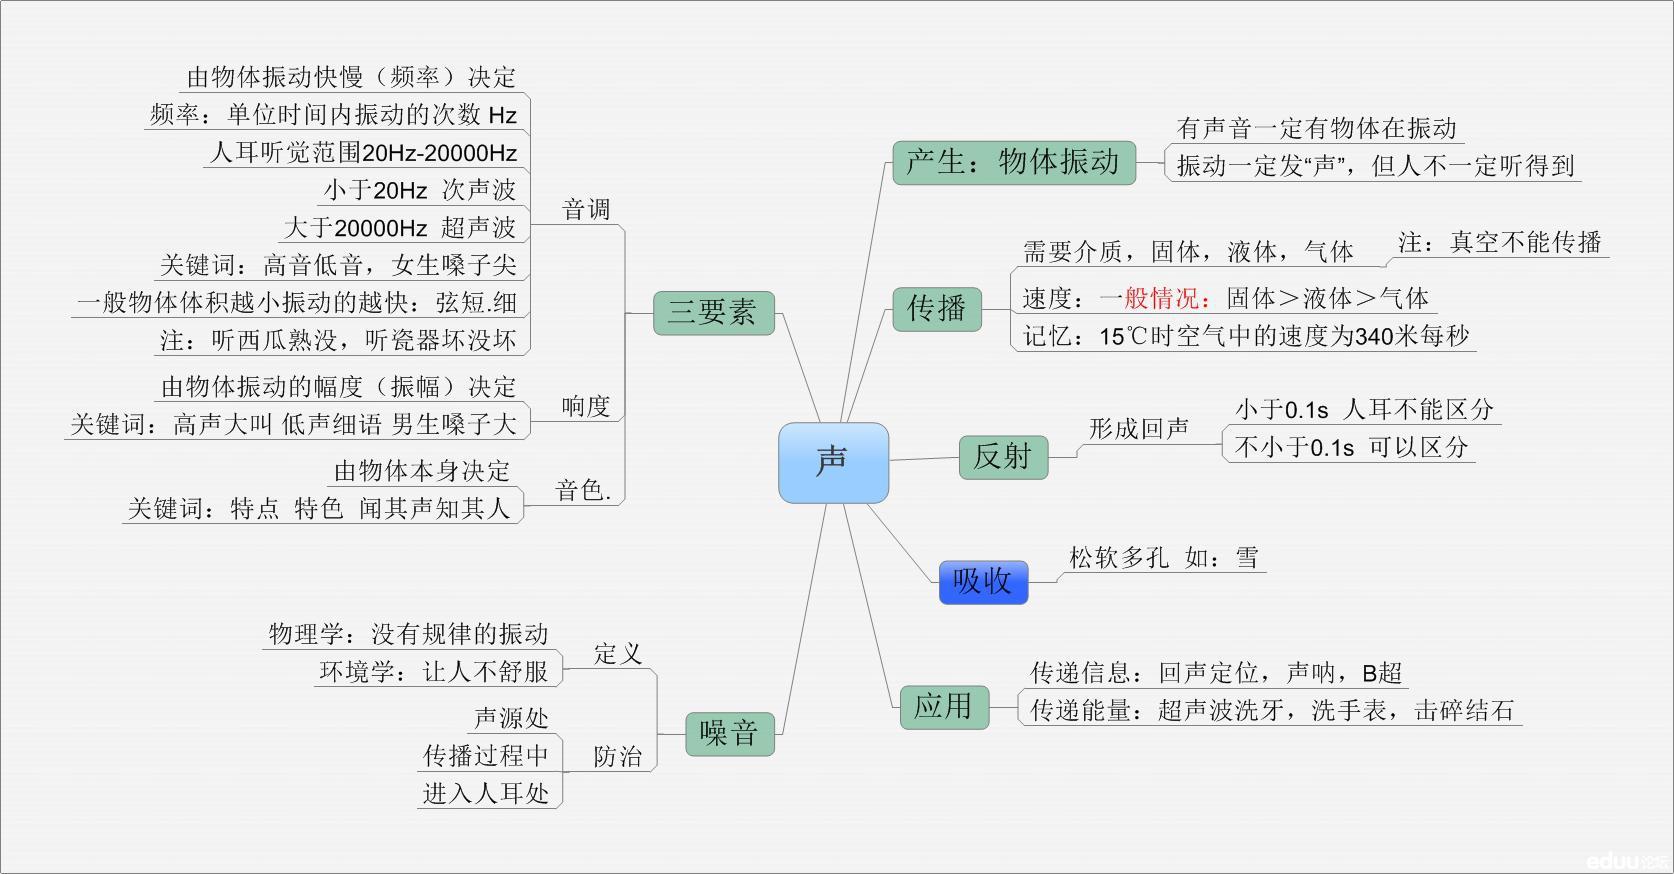 八年级物理知识点网络图:声现象